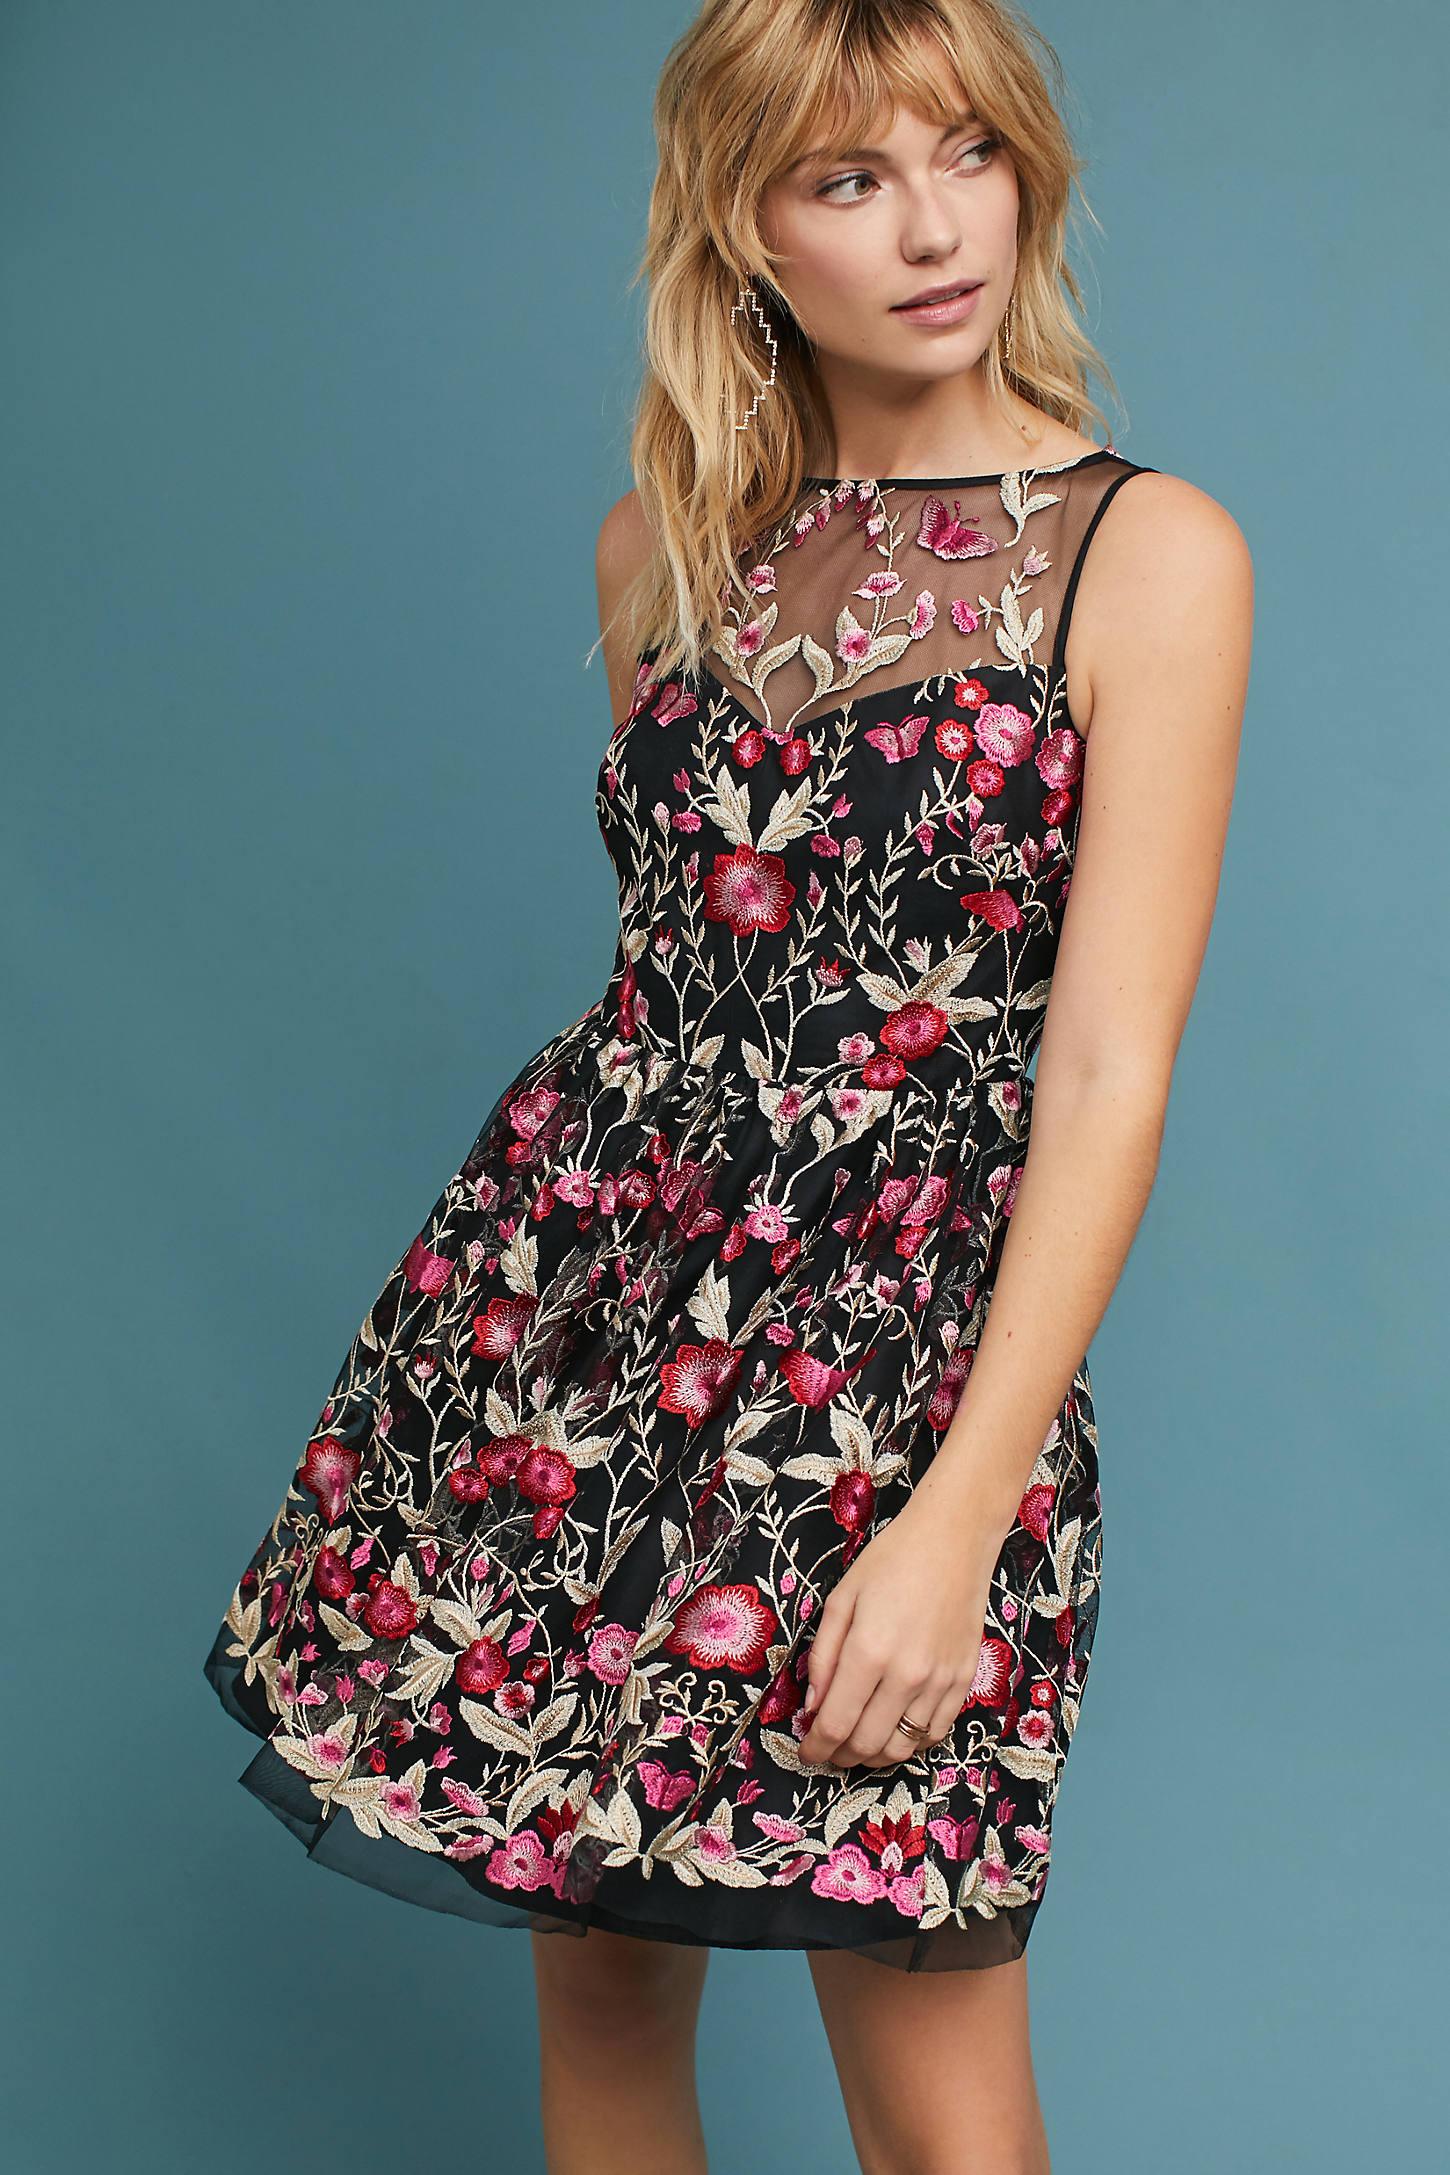 Shoshanna Embellished Floral Dress